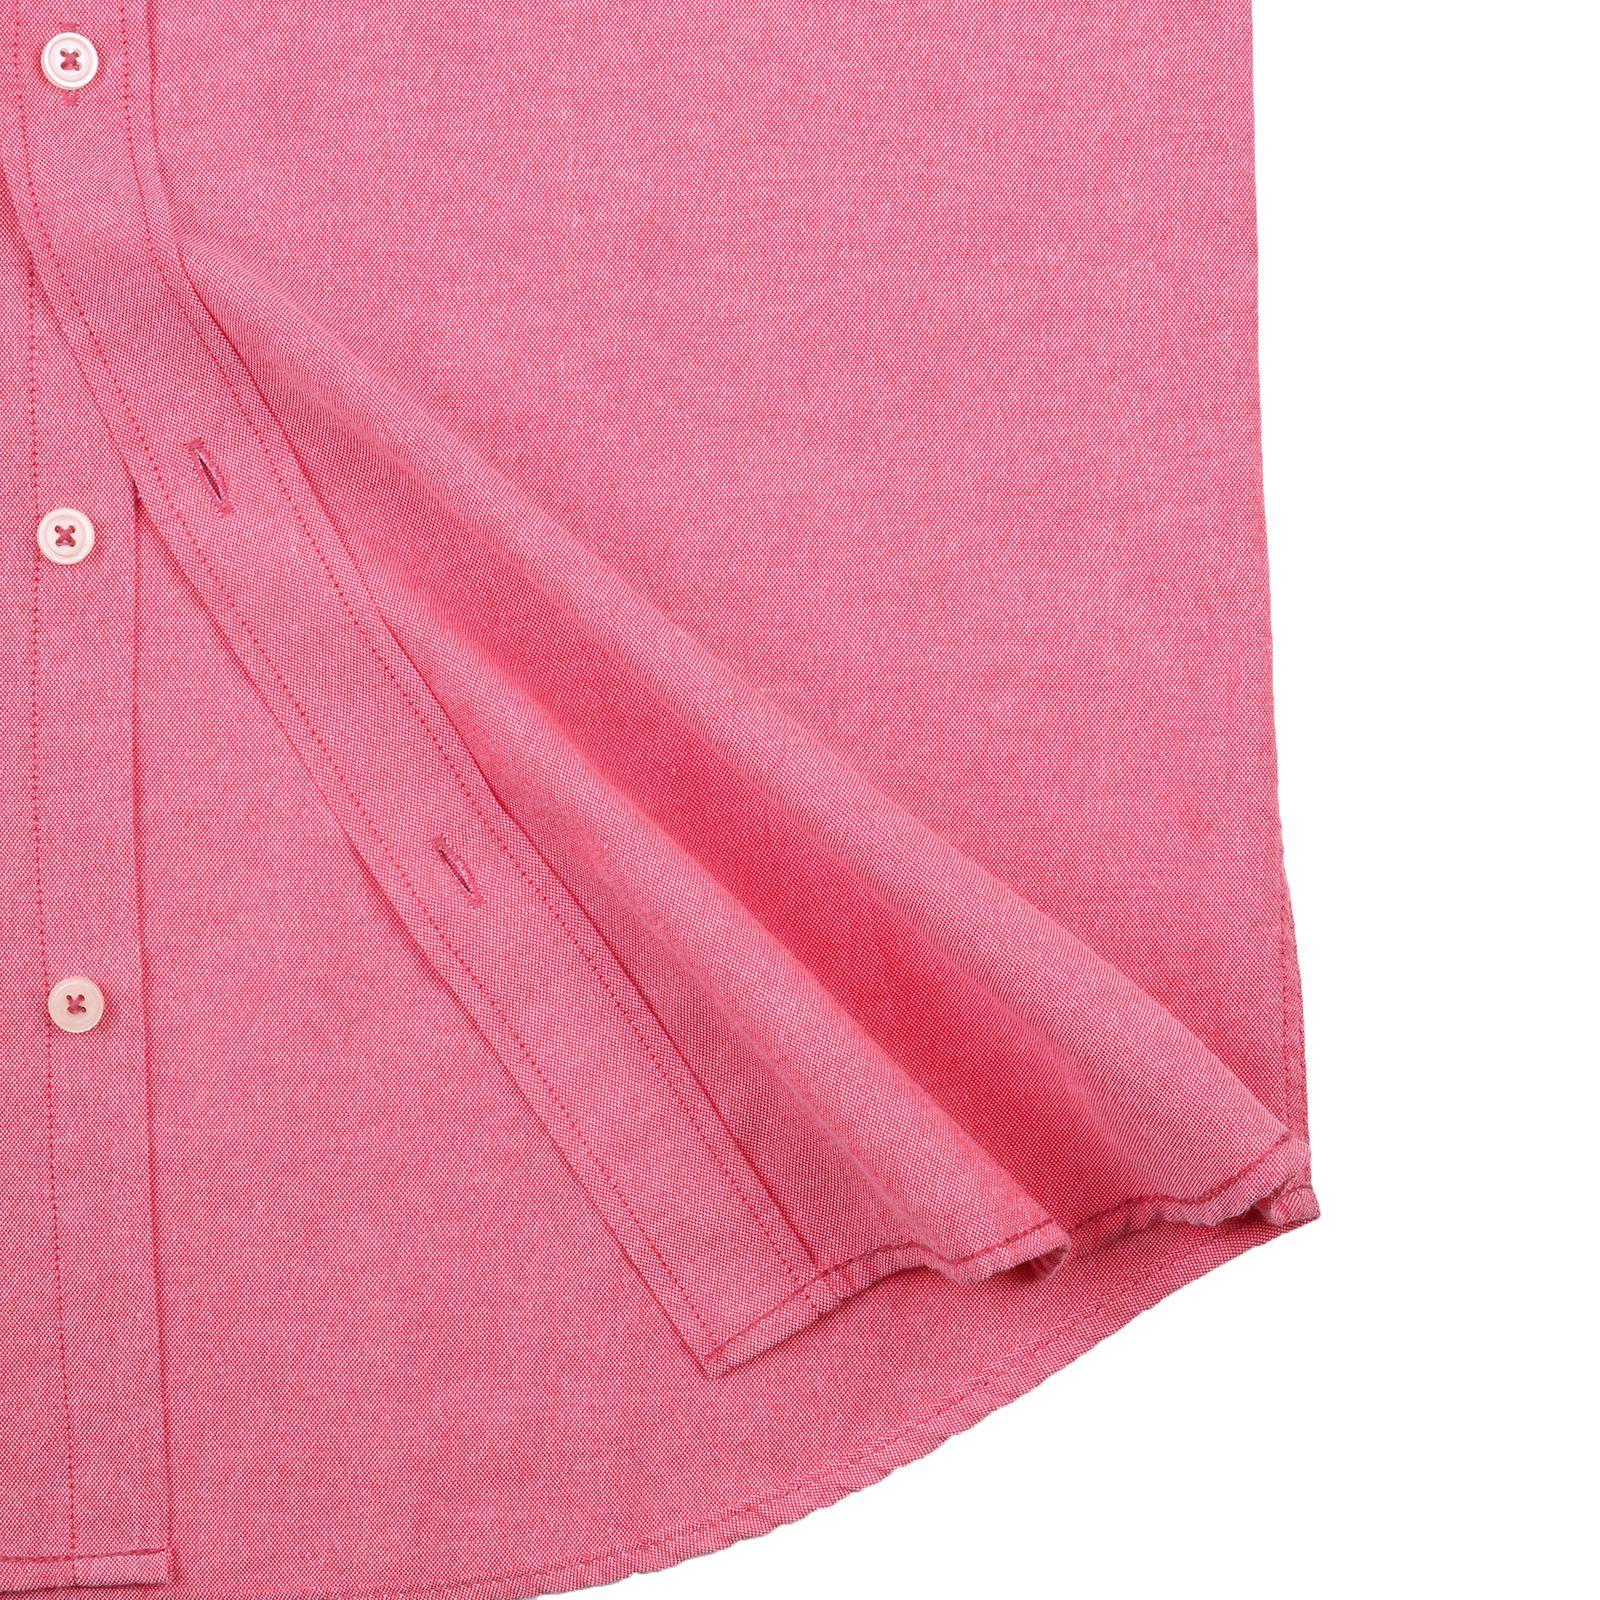 پیراهن مردانه کوک تریکو مدل 61726 -  - 6